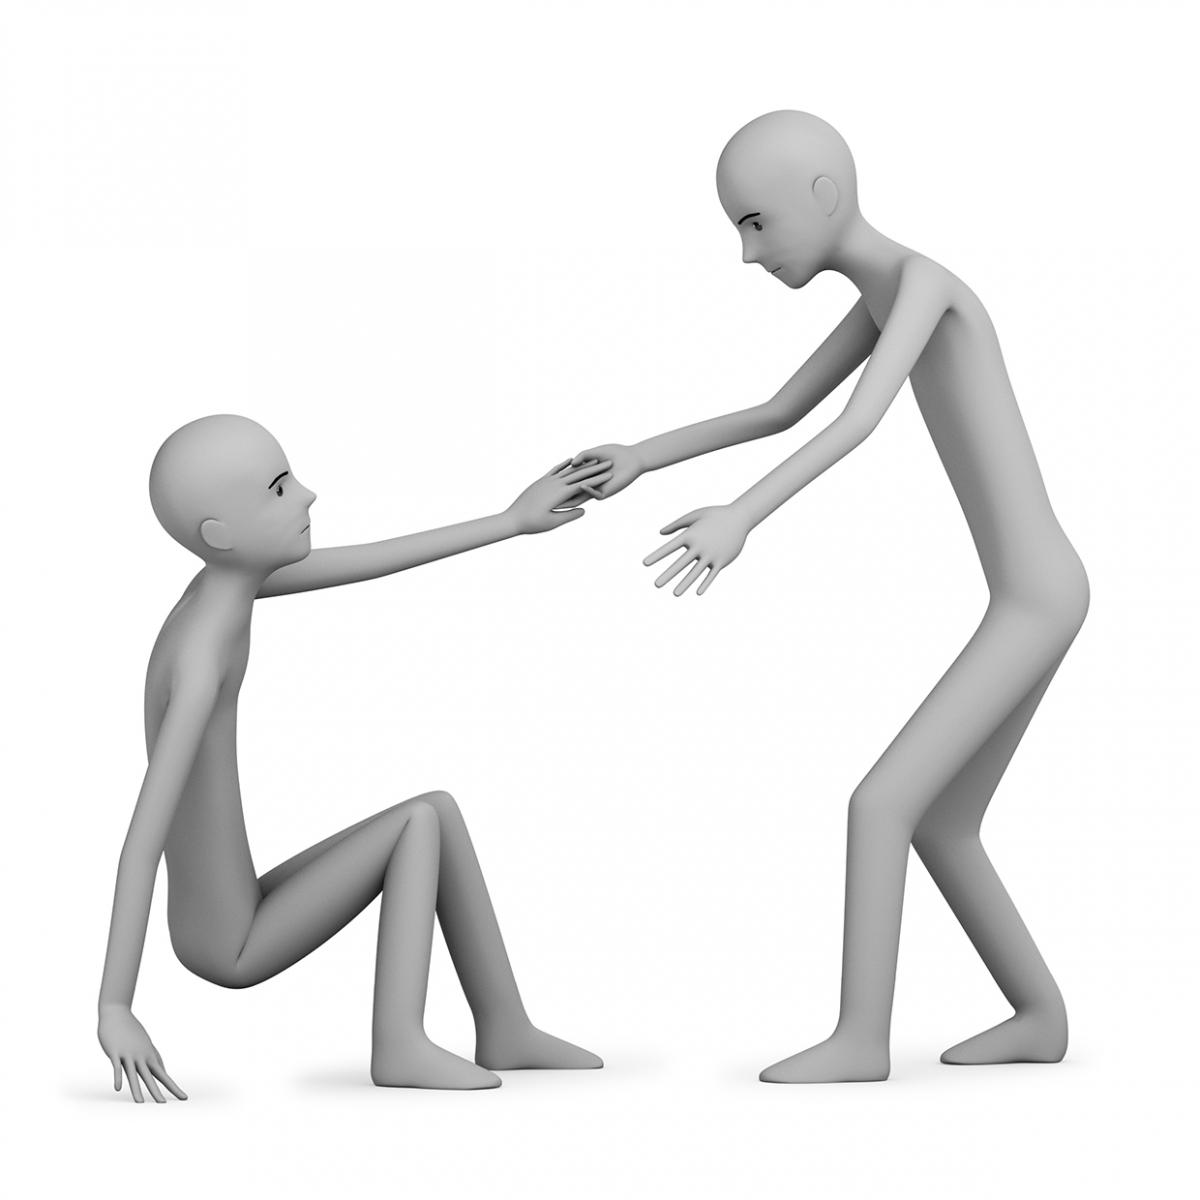 Imagen en la que se ve a una persona ayudando a otra a levantarse del suelo